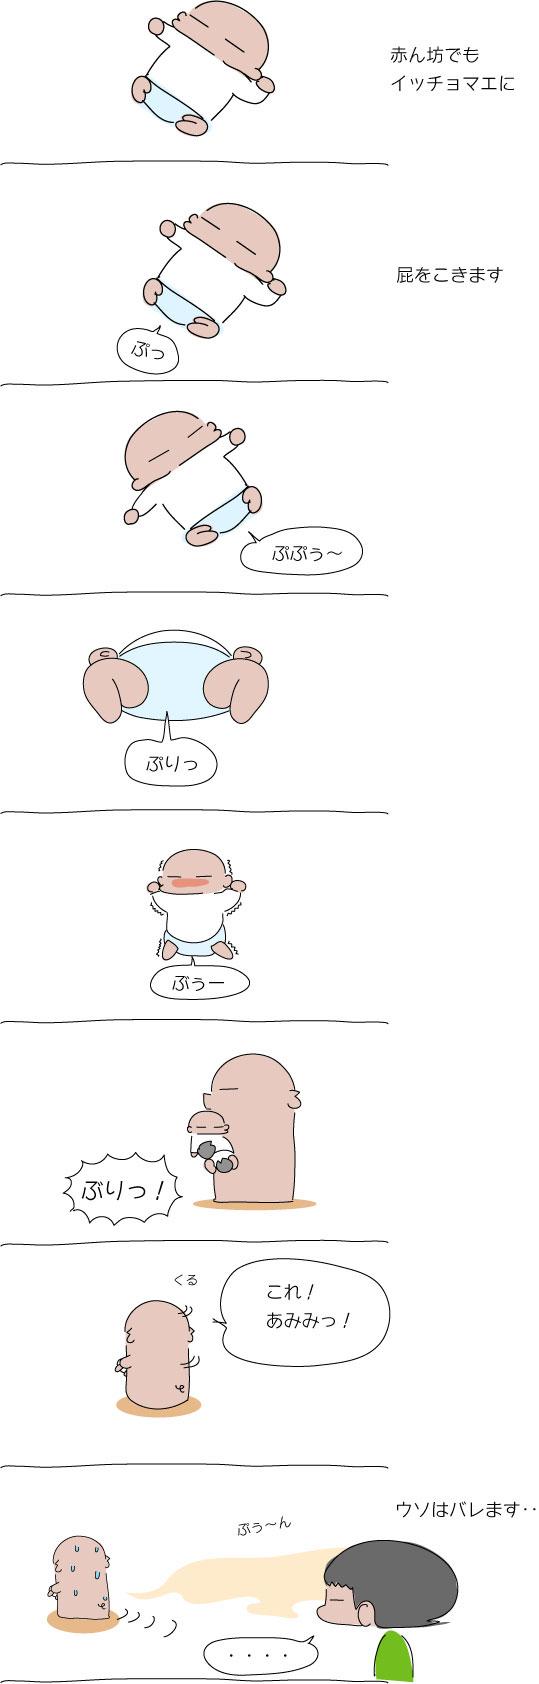 赤ん坊でも